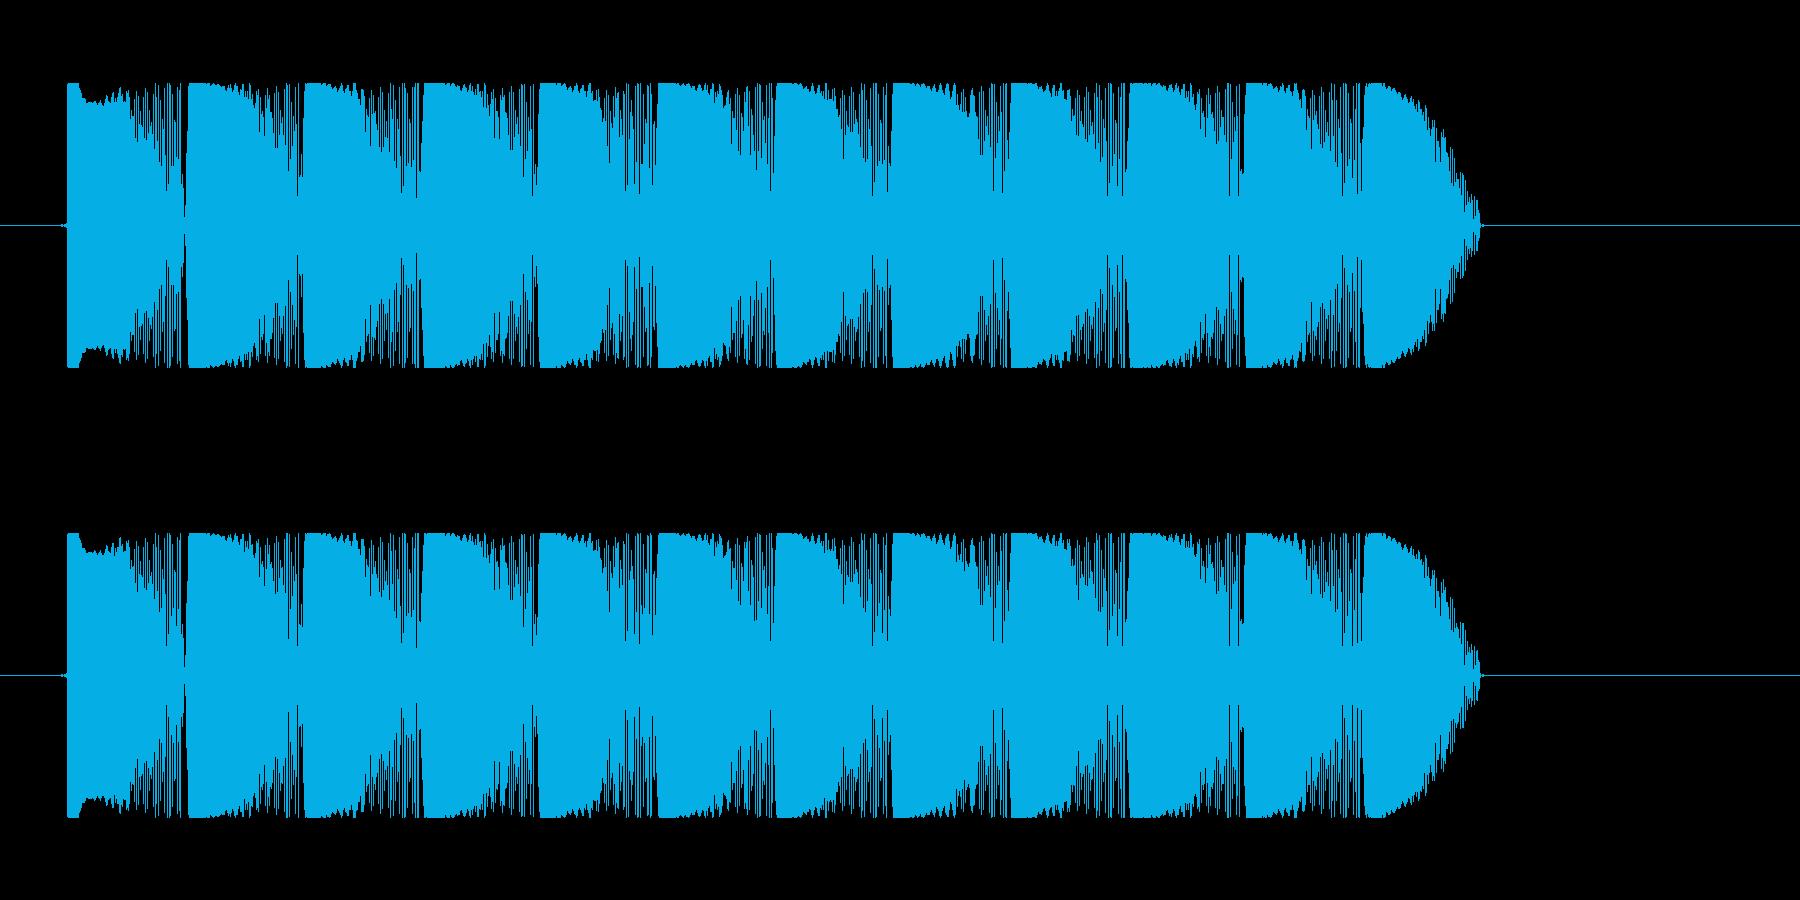 ビーム効果音 レーザー 連射 ピュピュの再生済みの波形